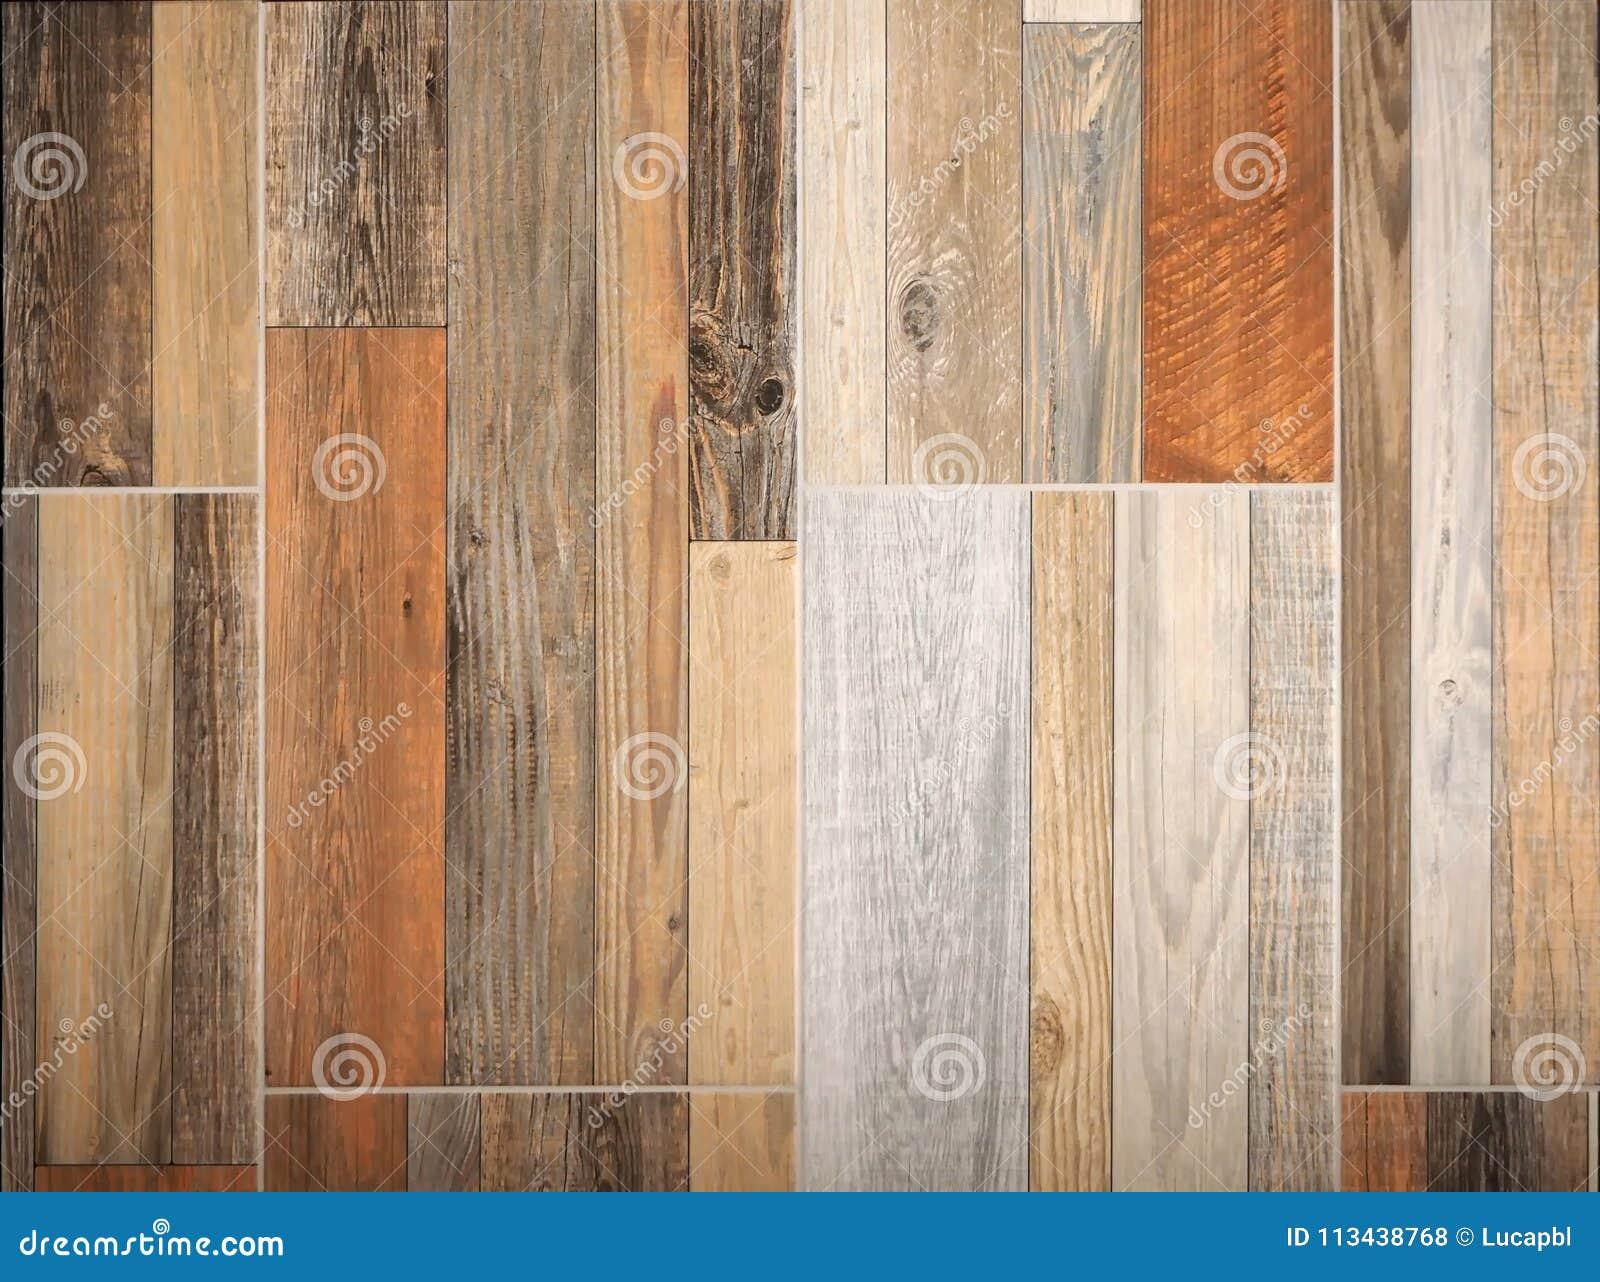 Wood innerväggpanel, med laminater av olika typer, format och färger